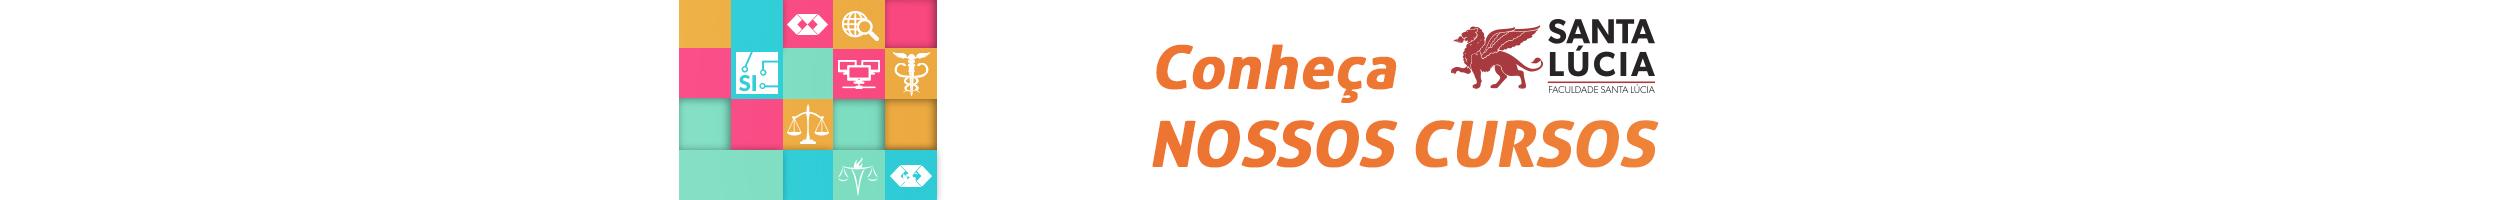 home_topo_cursos_sl